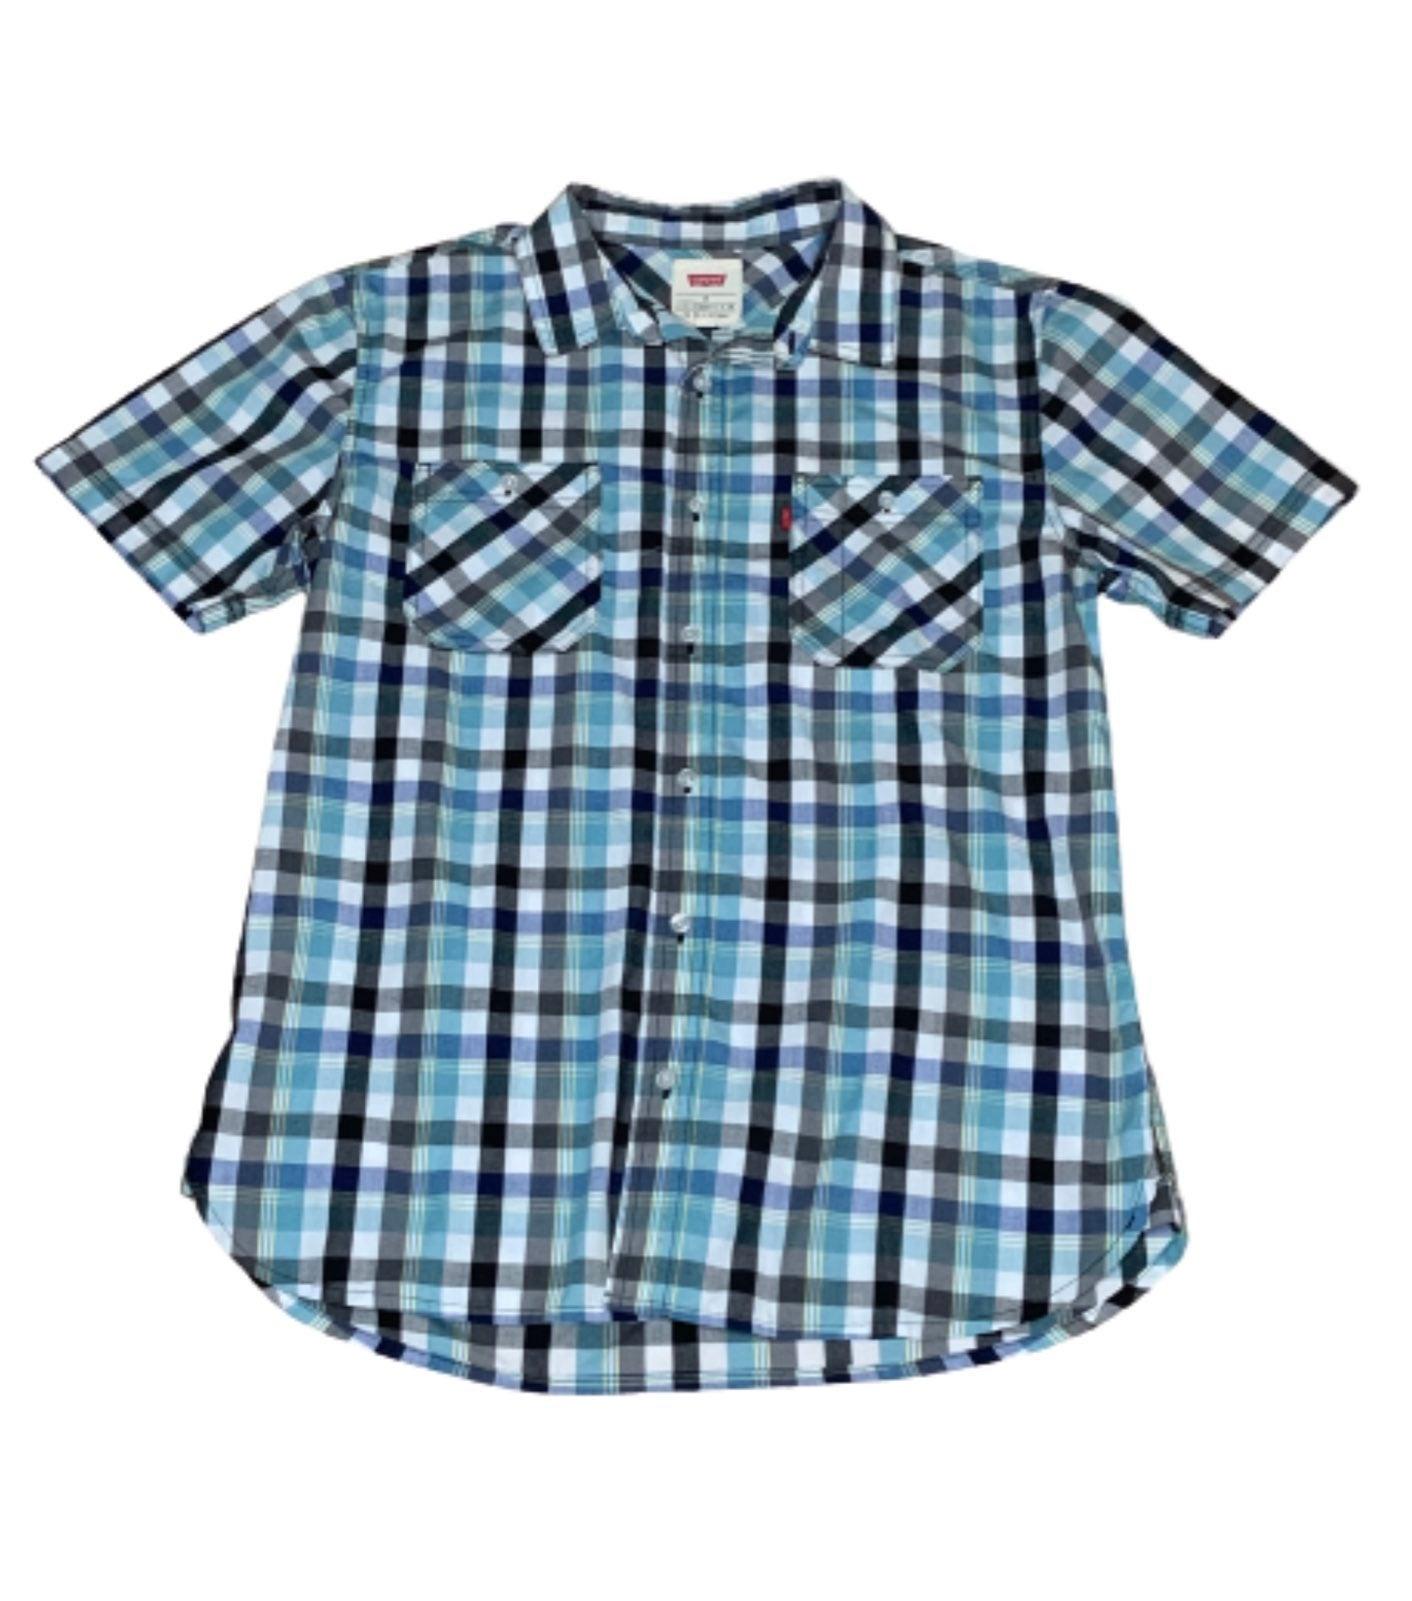 Levi's Light Blue/Black Plaid Shirt M